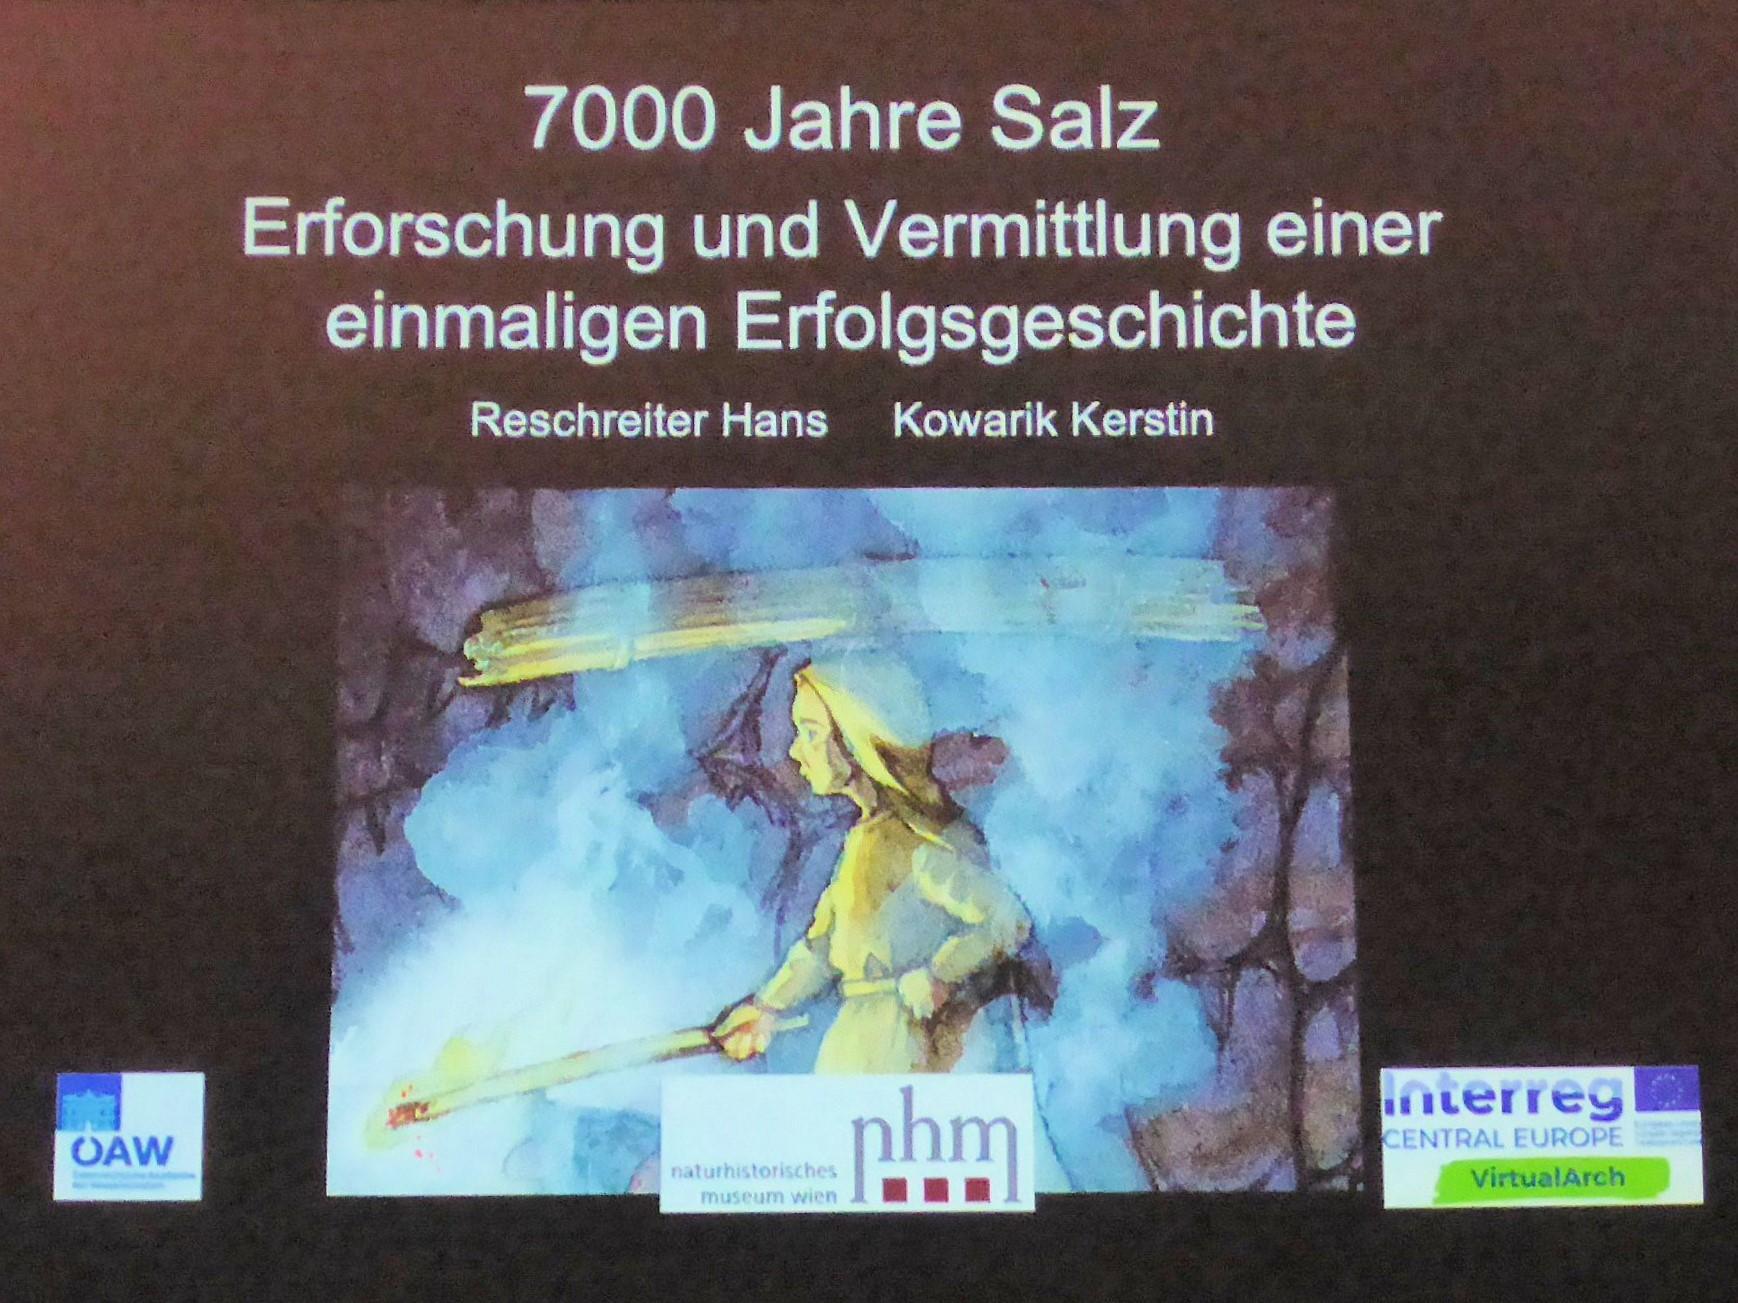 Der Titel des Vortrags ist Programm